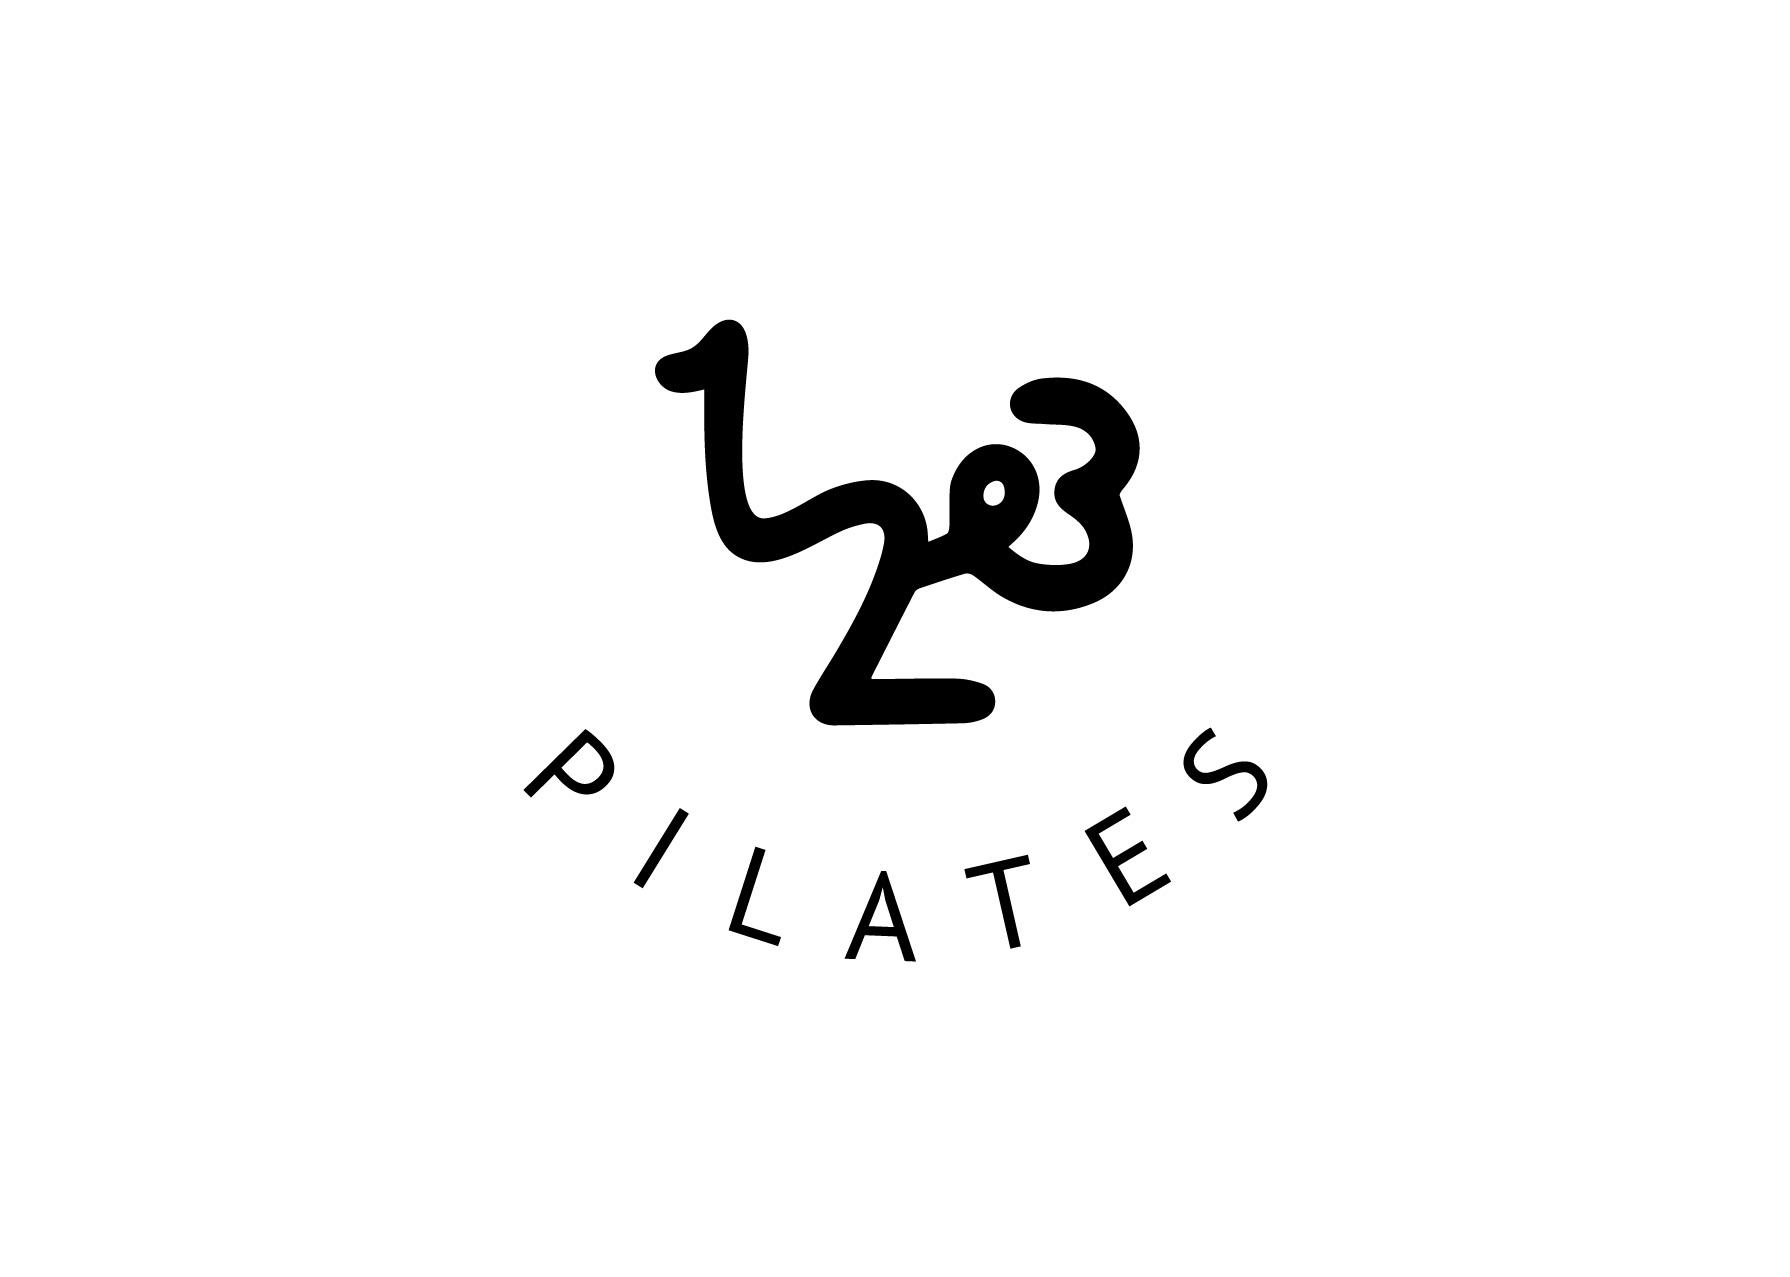 123_PilatesLOGO-01.jpg